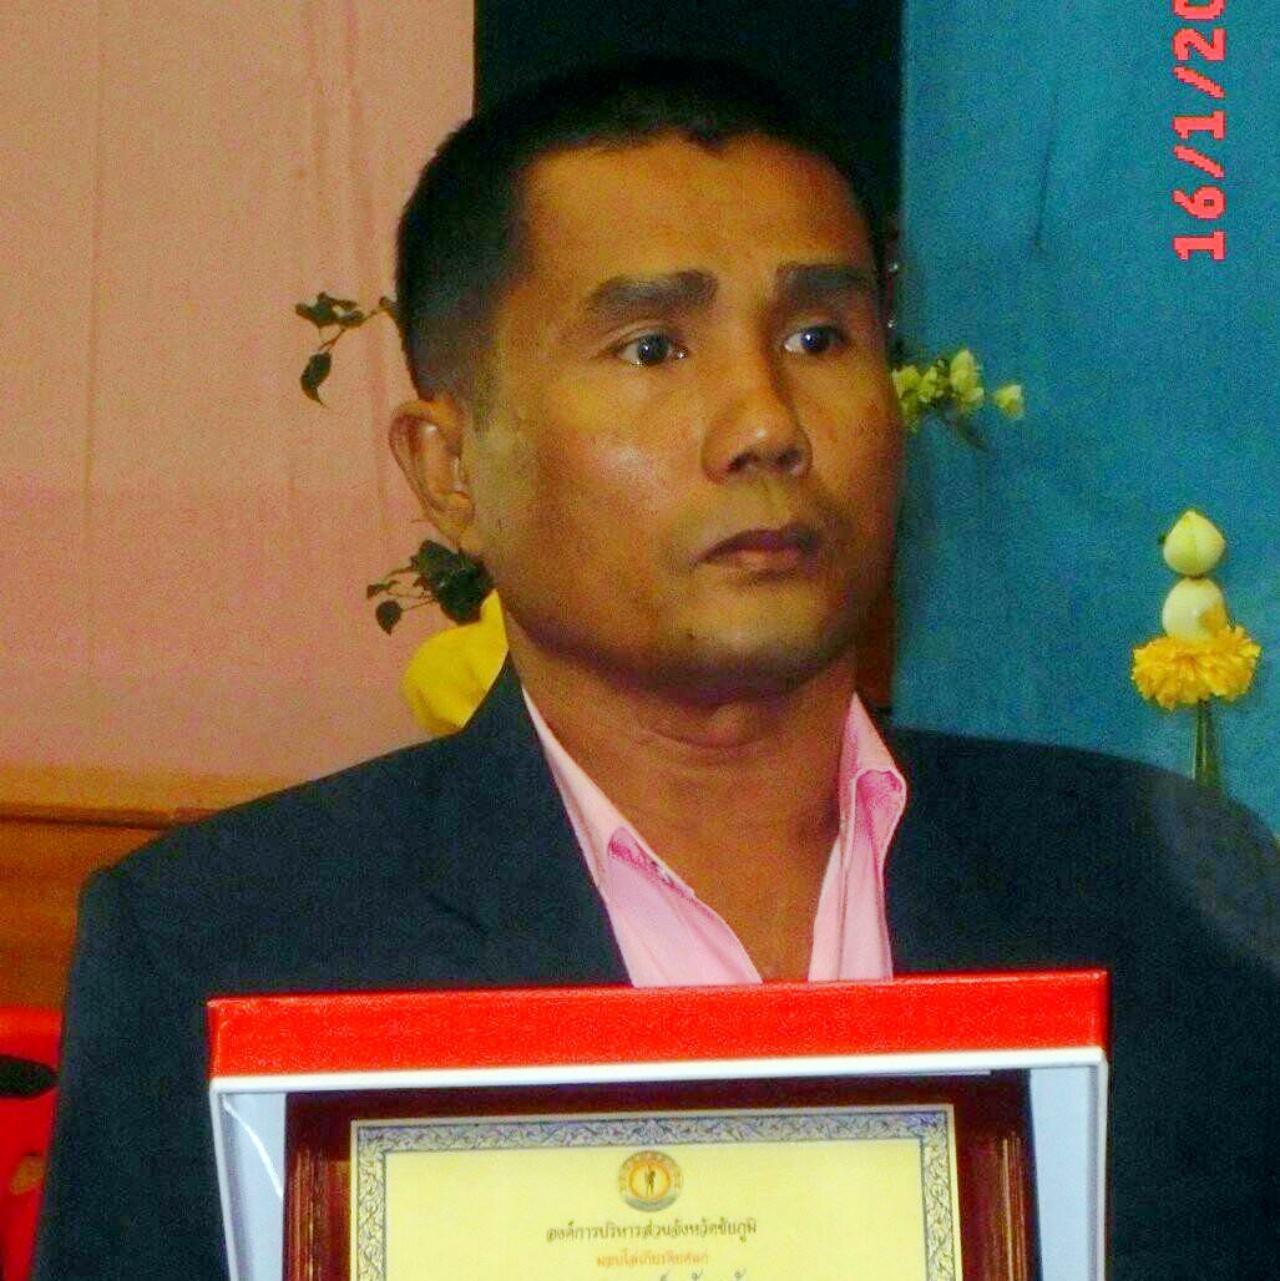 ครูหมี สรพงศ์ เค้ากล้า อายุ 59 ปี ครู ร.ร.ห้วยต้อนพิทยาคม